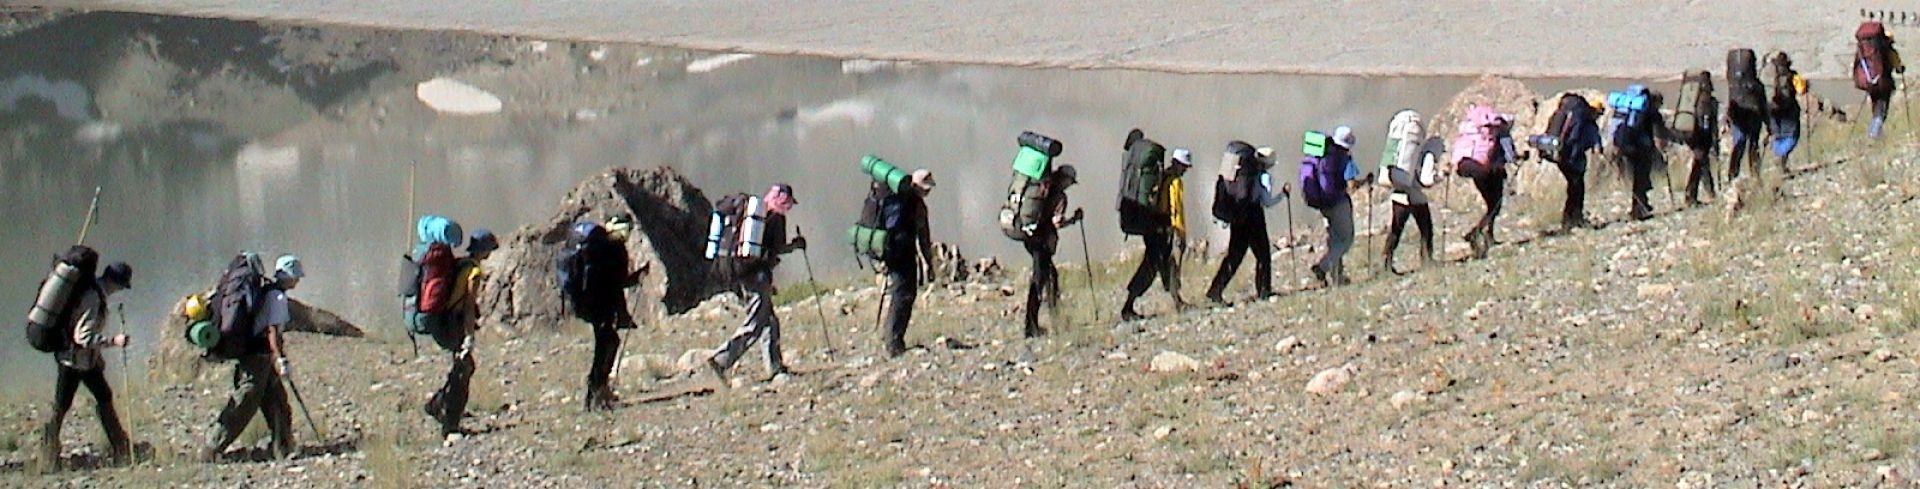 טרק לטג'יקיסטן